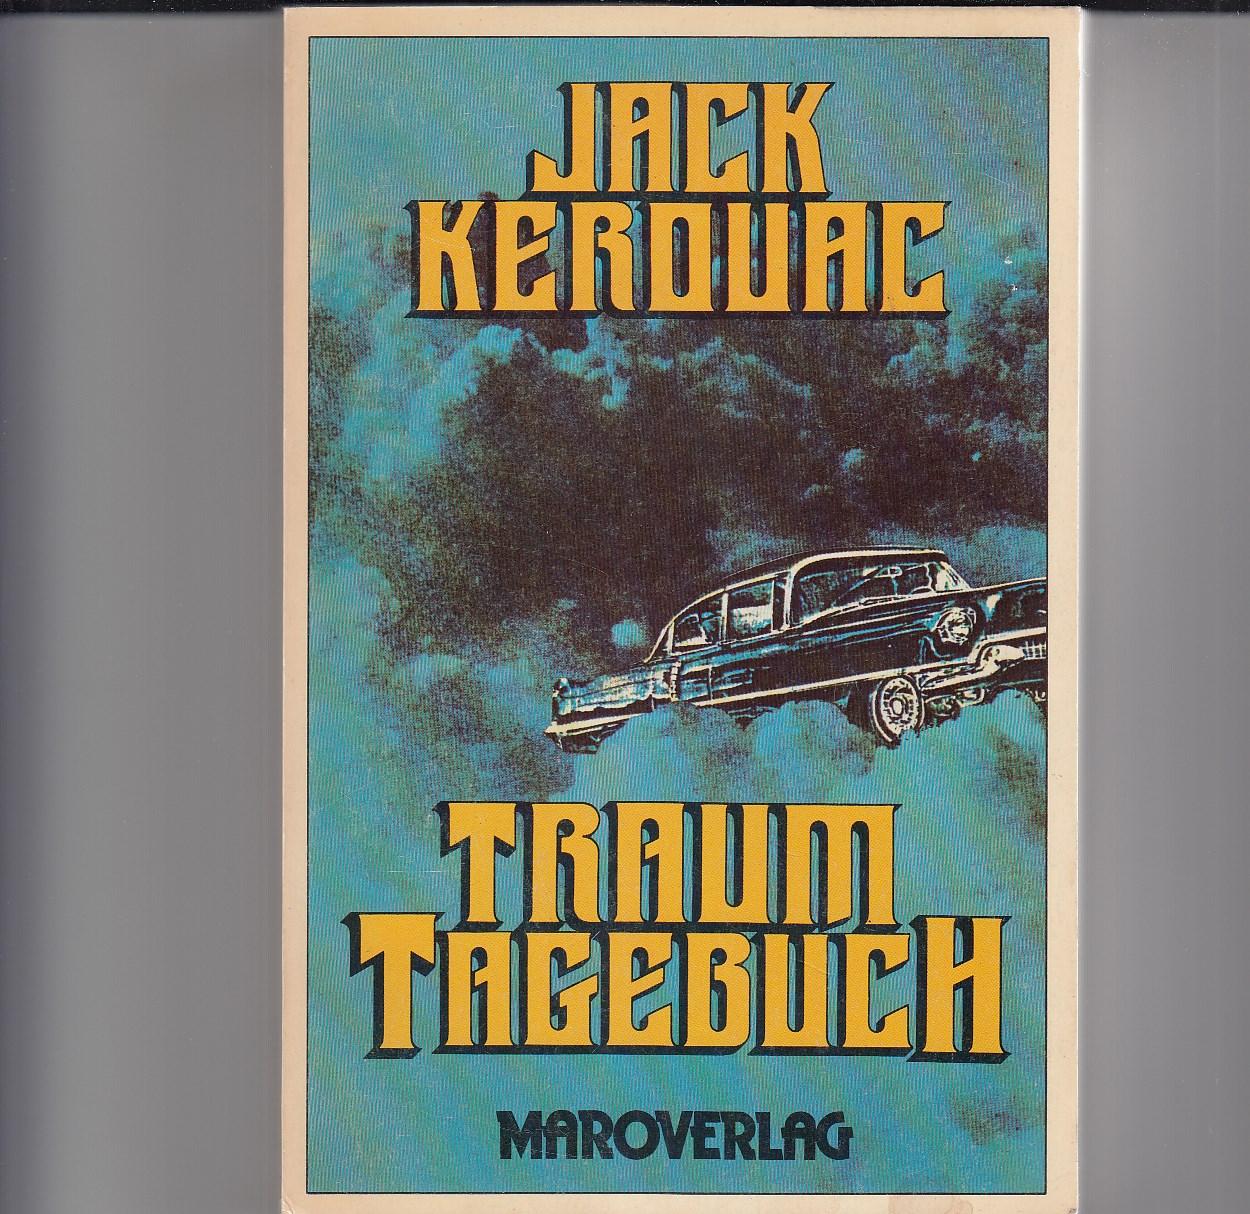 Traumtagebuch. (Book of Dreams). Deutsch Werner Waldhoff. Cover Walter Hartmann. Fotos von William Eichler (Kerouac) und Jürgen Ploog (Wolken).